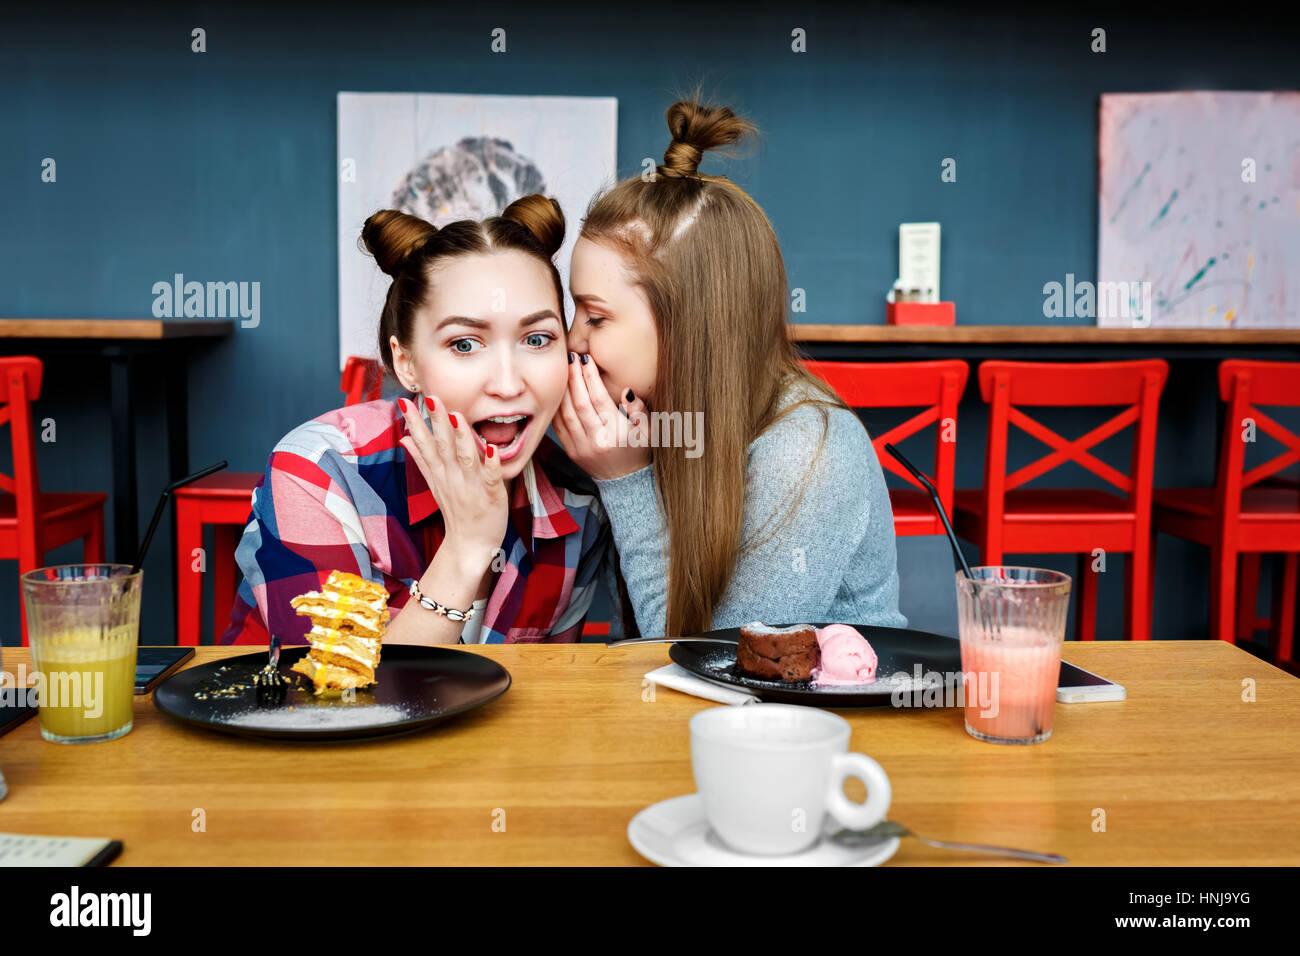 Felice ragazza amici hanno tazza di caffè nel moderno ristorante della città. Immagini Stock